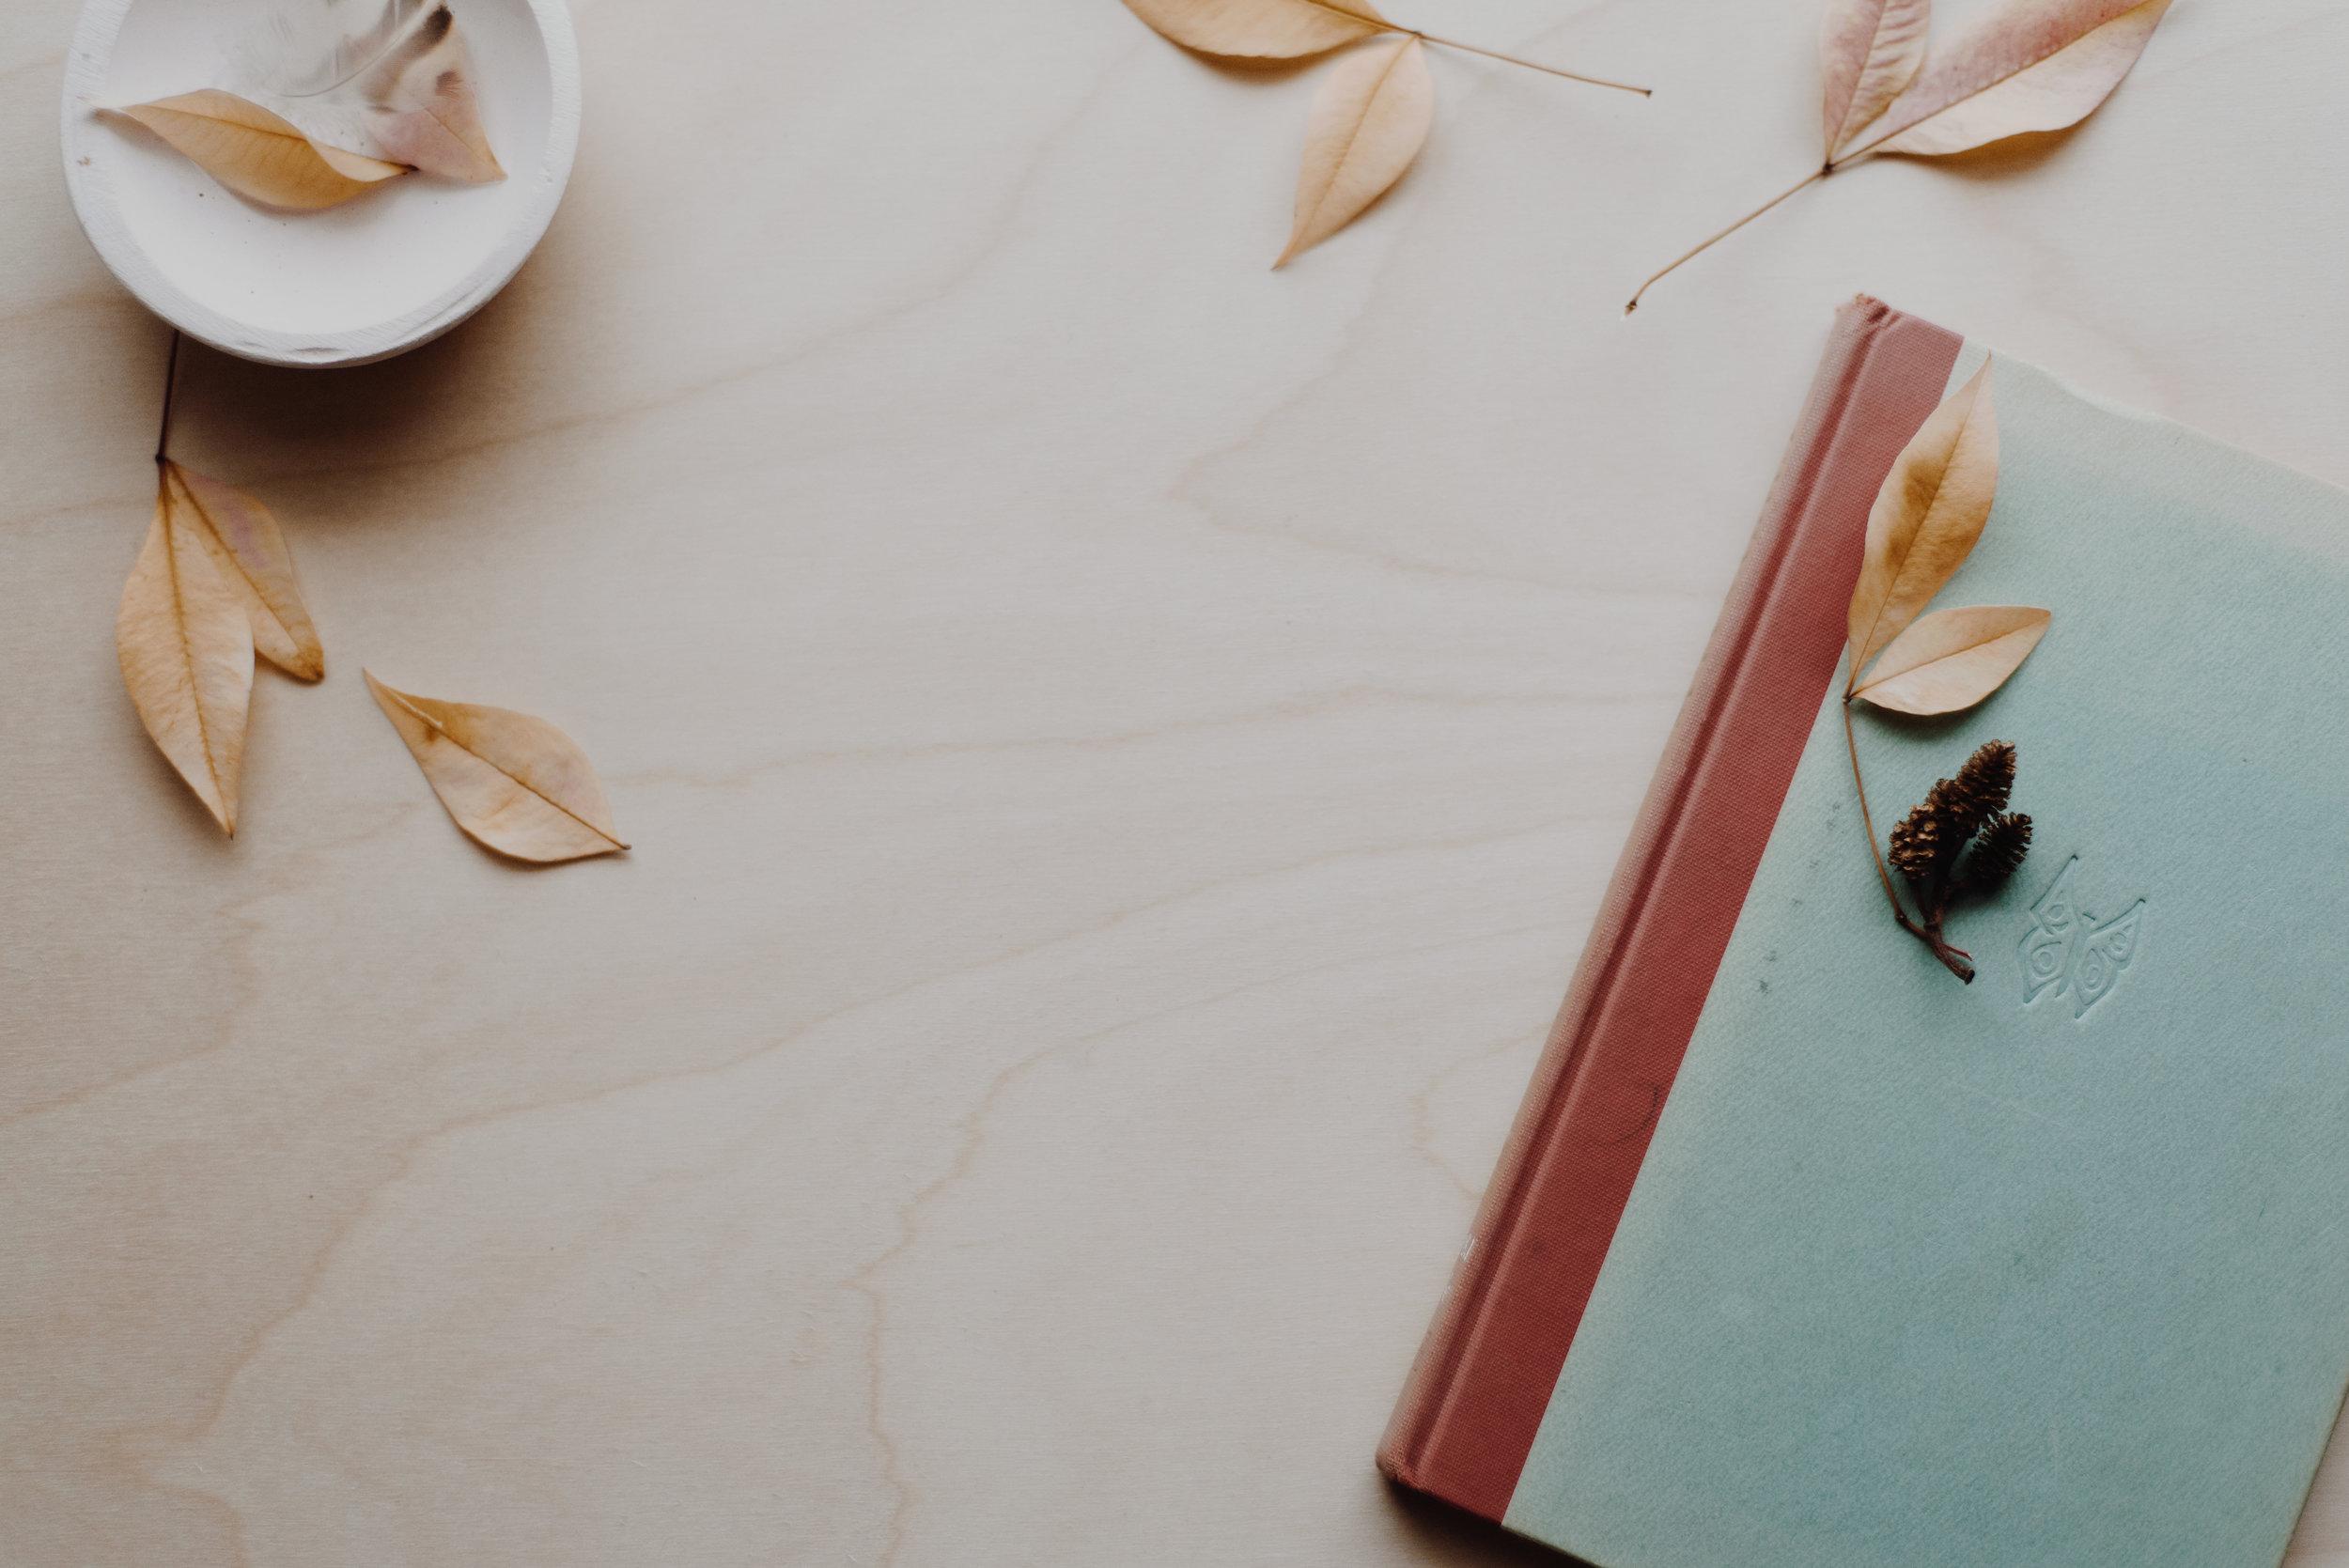 Blog — Divinely Interrupted